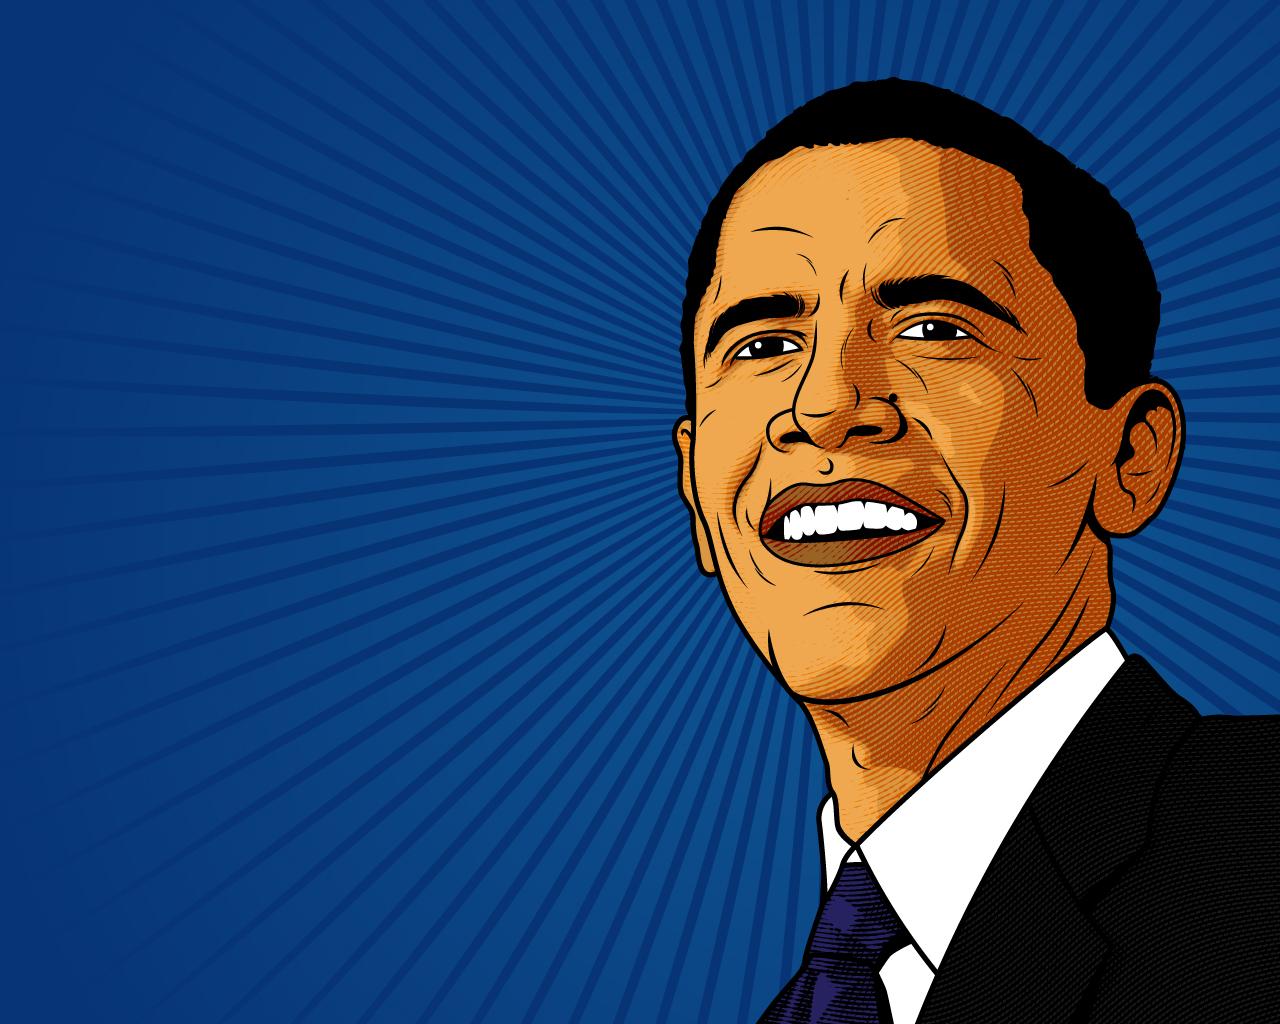 Obama_desktop_by_roberlan